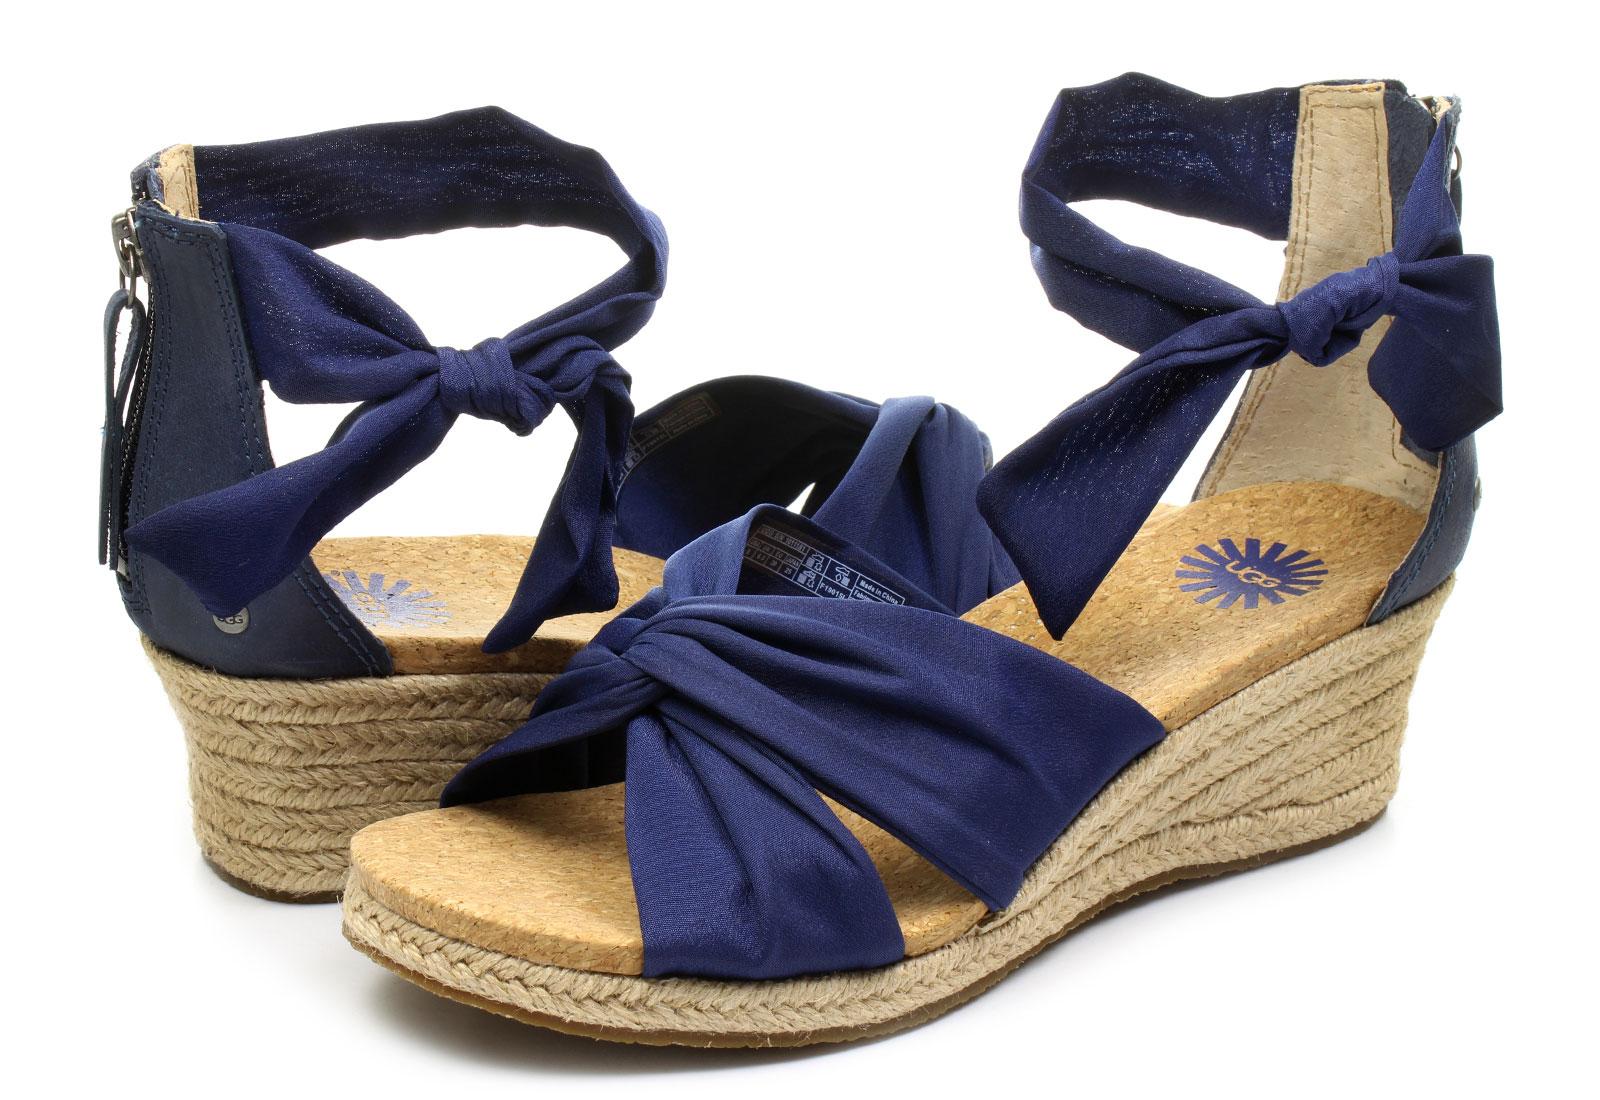 office shoe shop ugg cizmy ugg sandals starla 1011181navy online shop for sneakers